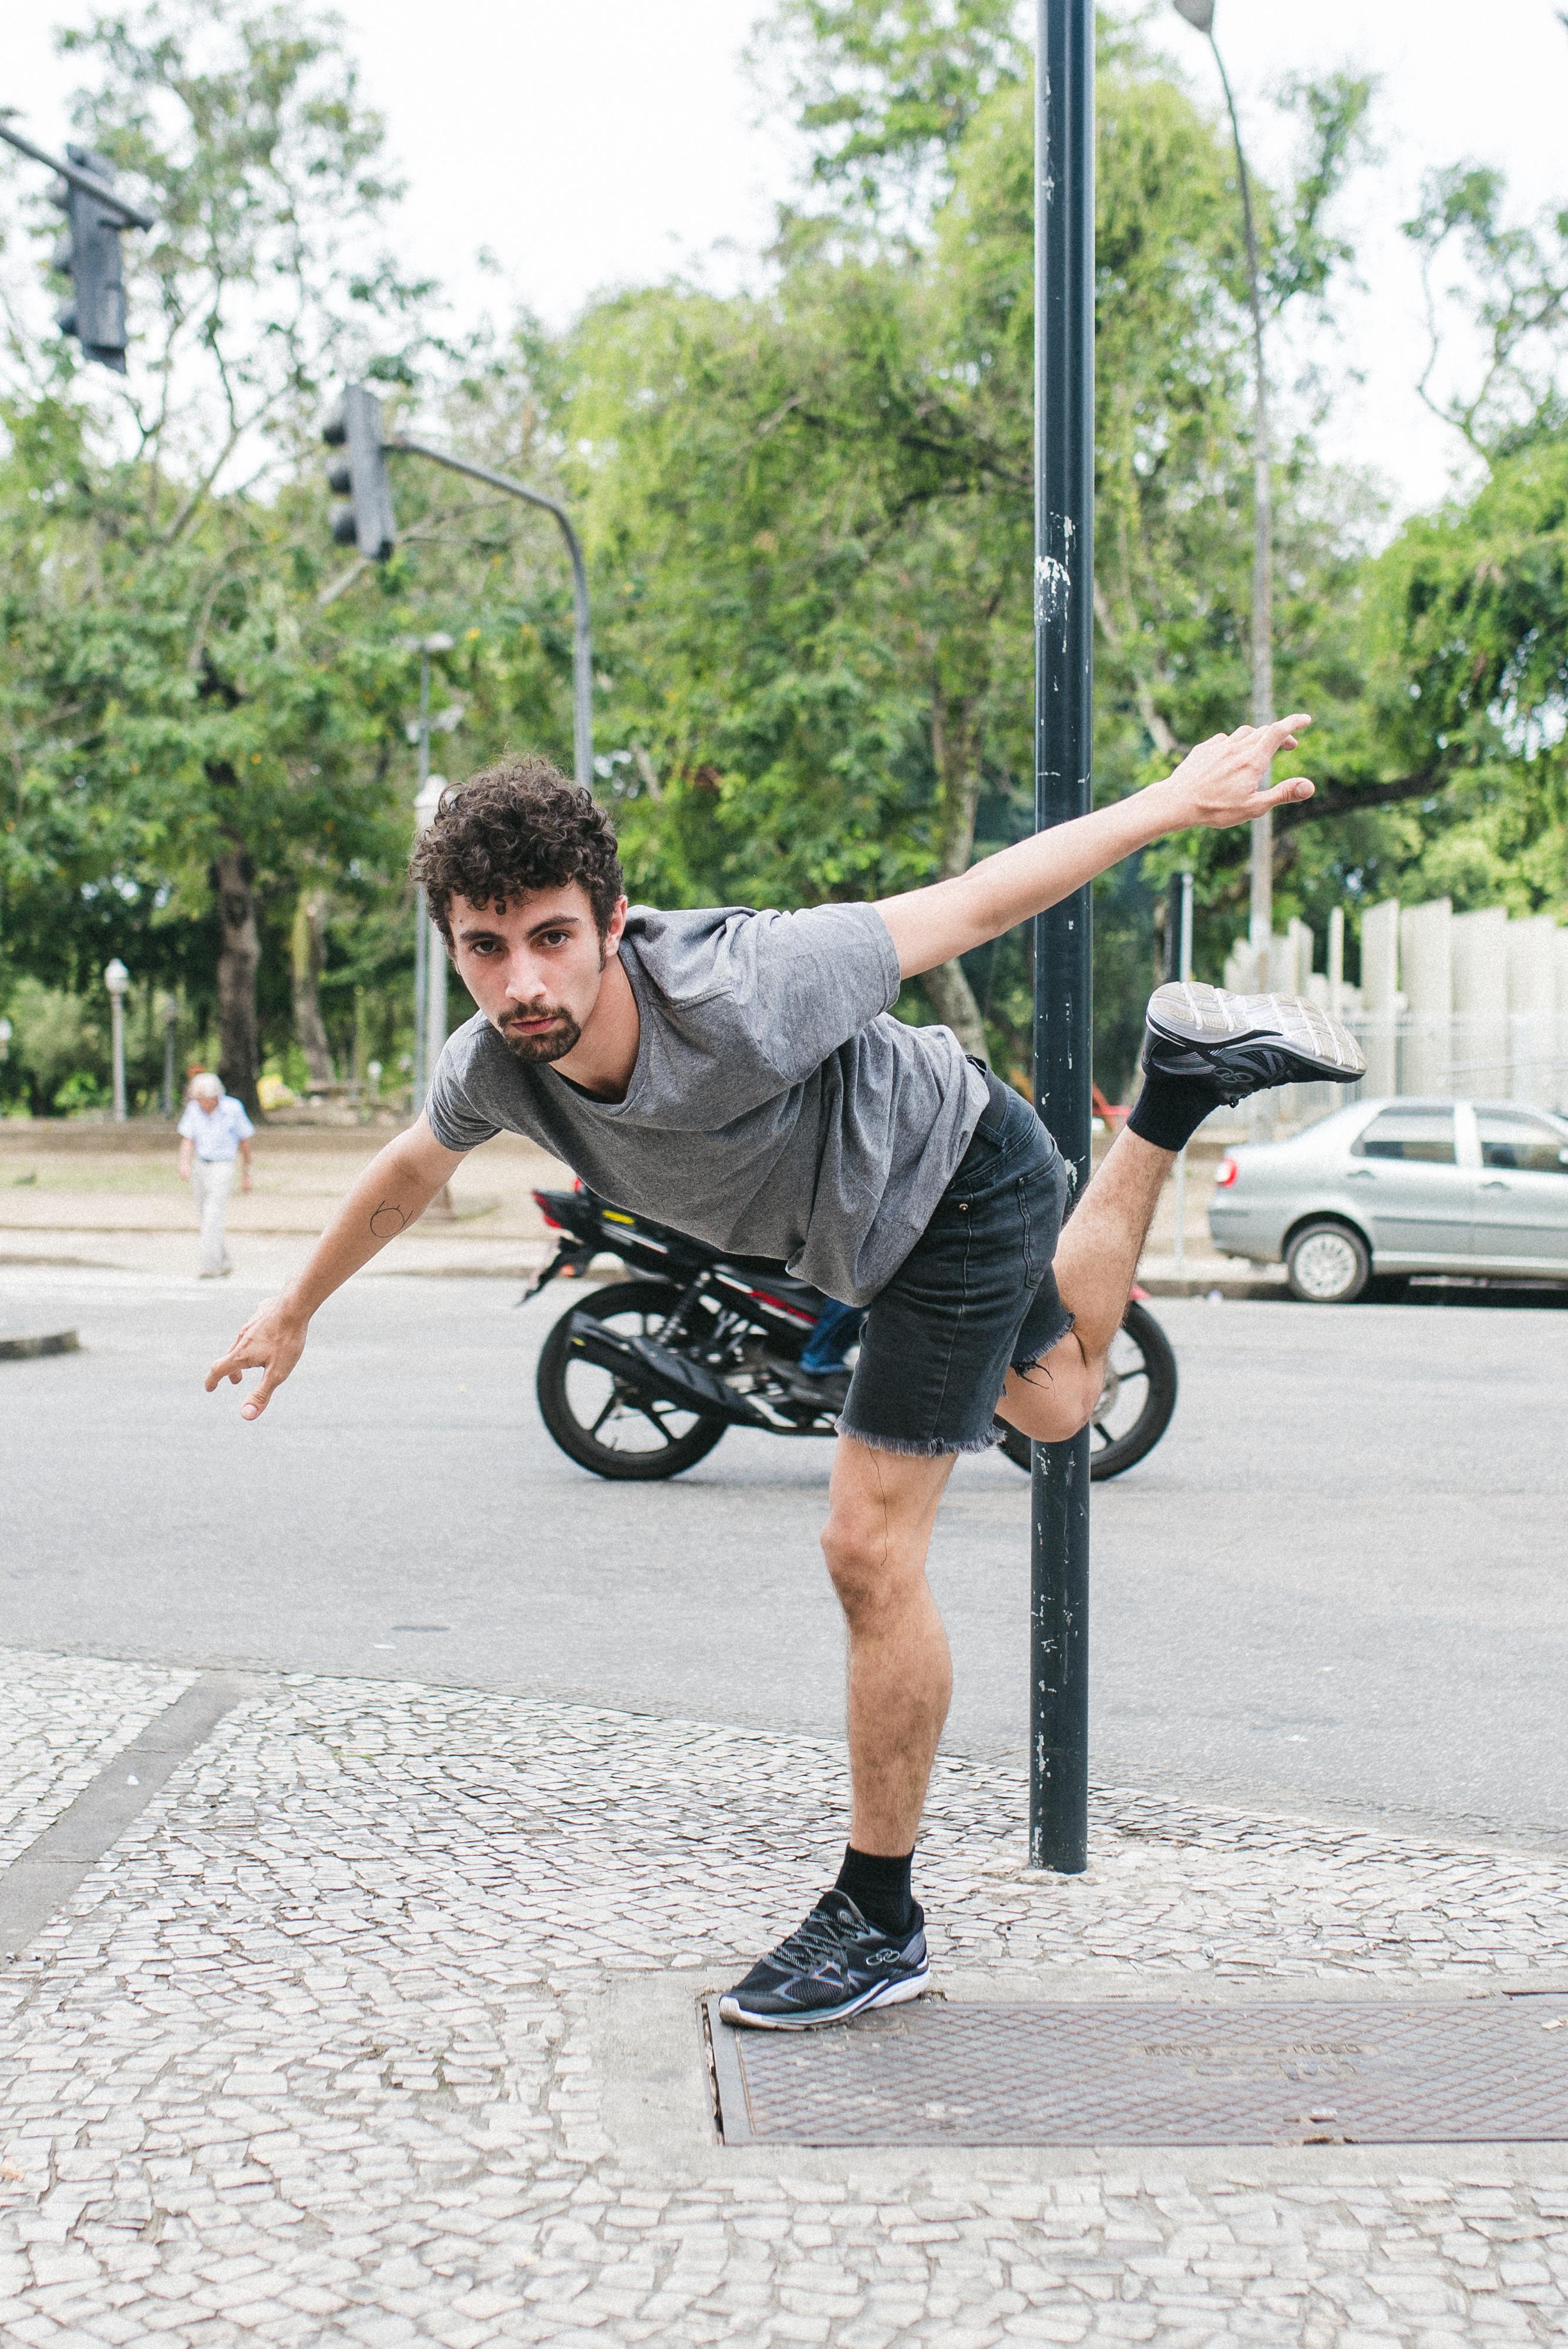 Luc Fonseca